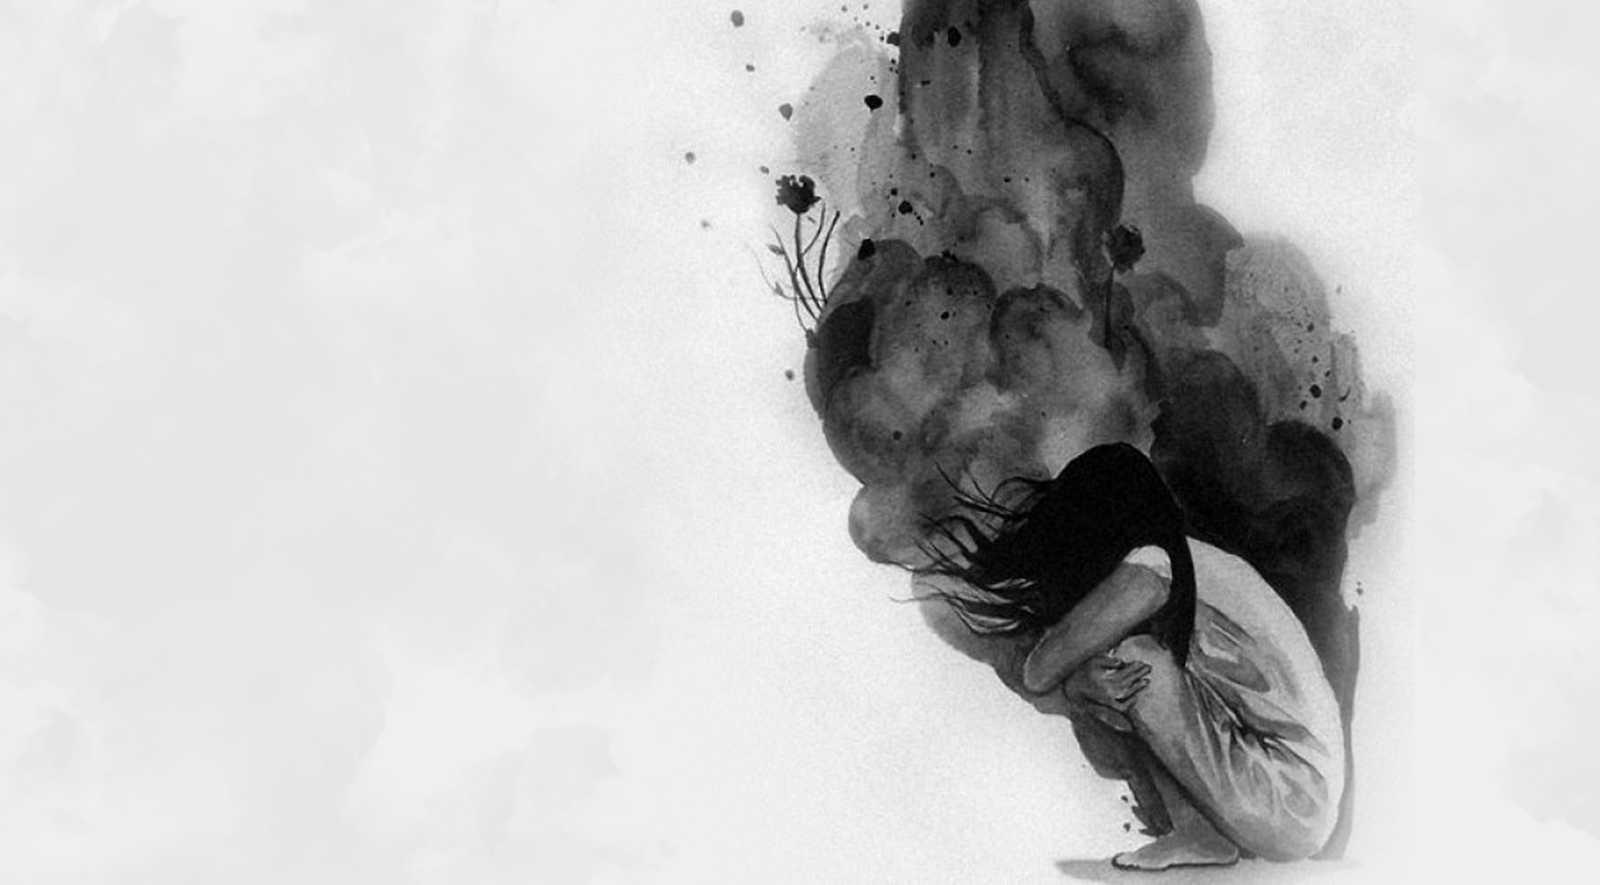 Τα άτυπα συμπτώματα της κατάθλιψης που λίγοι άνθρωποι γνωρίζουν